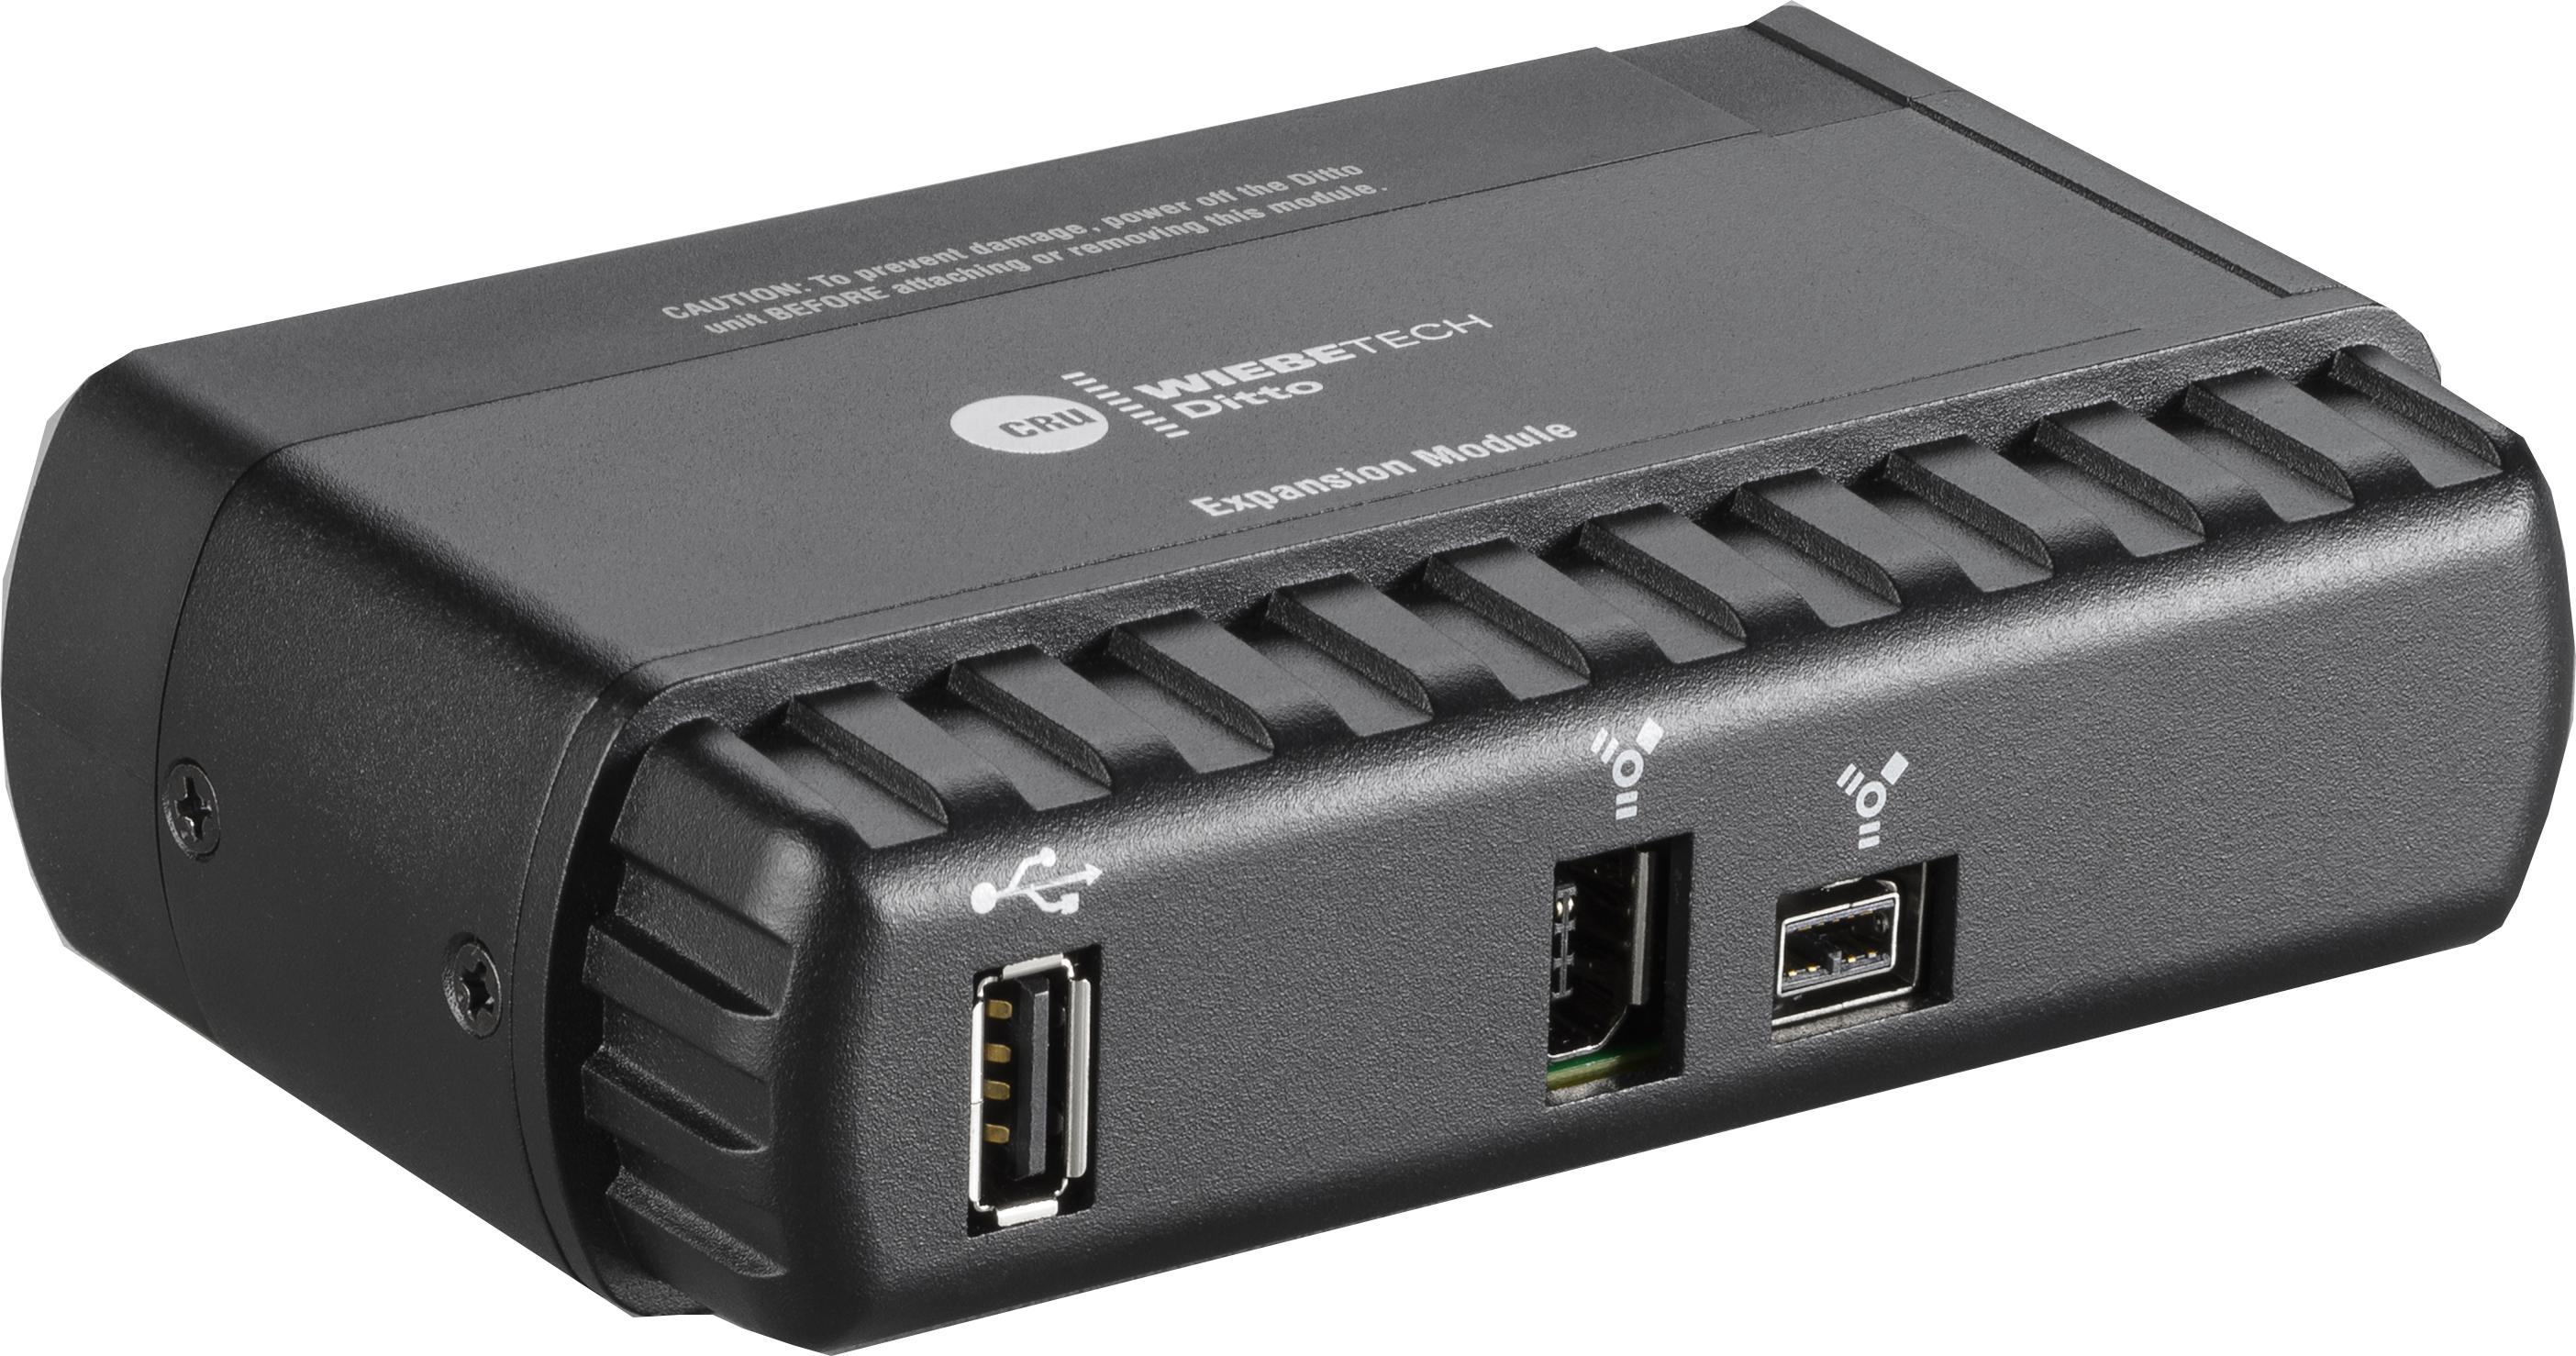 Ditto FireWire Expansion Module - CRU